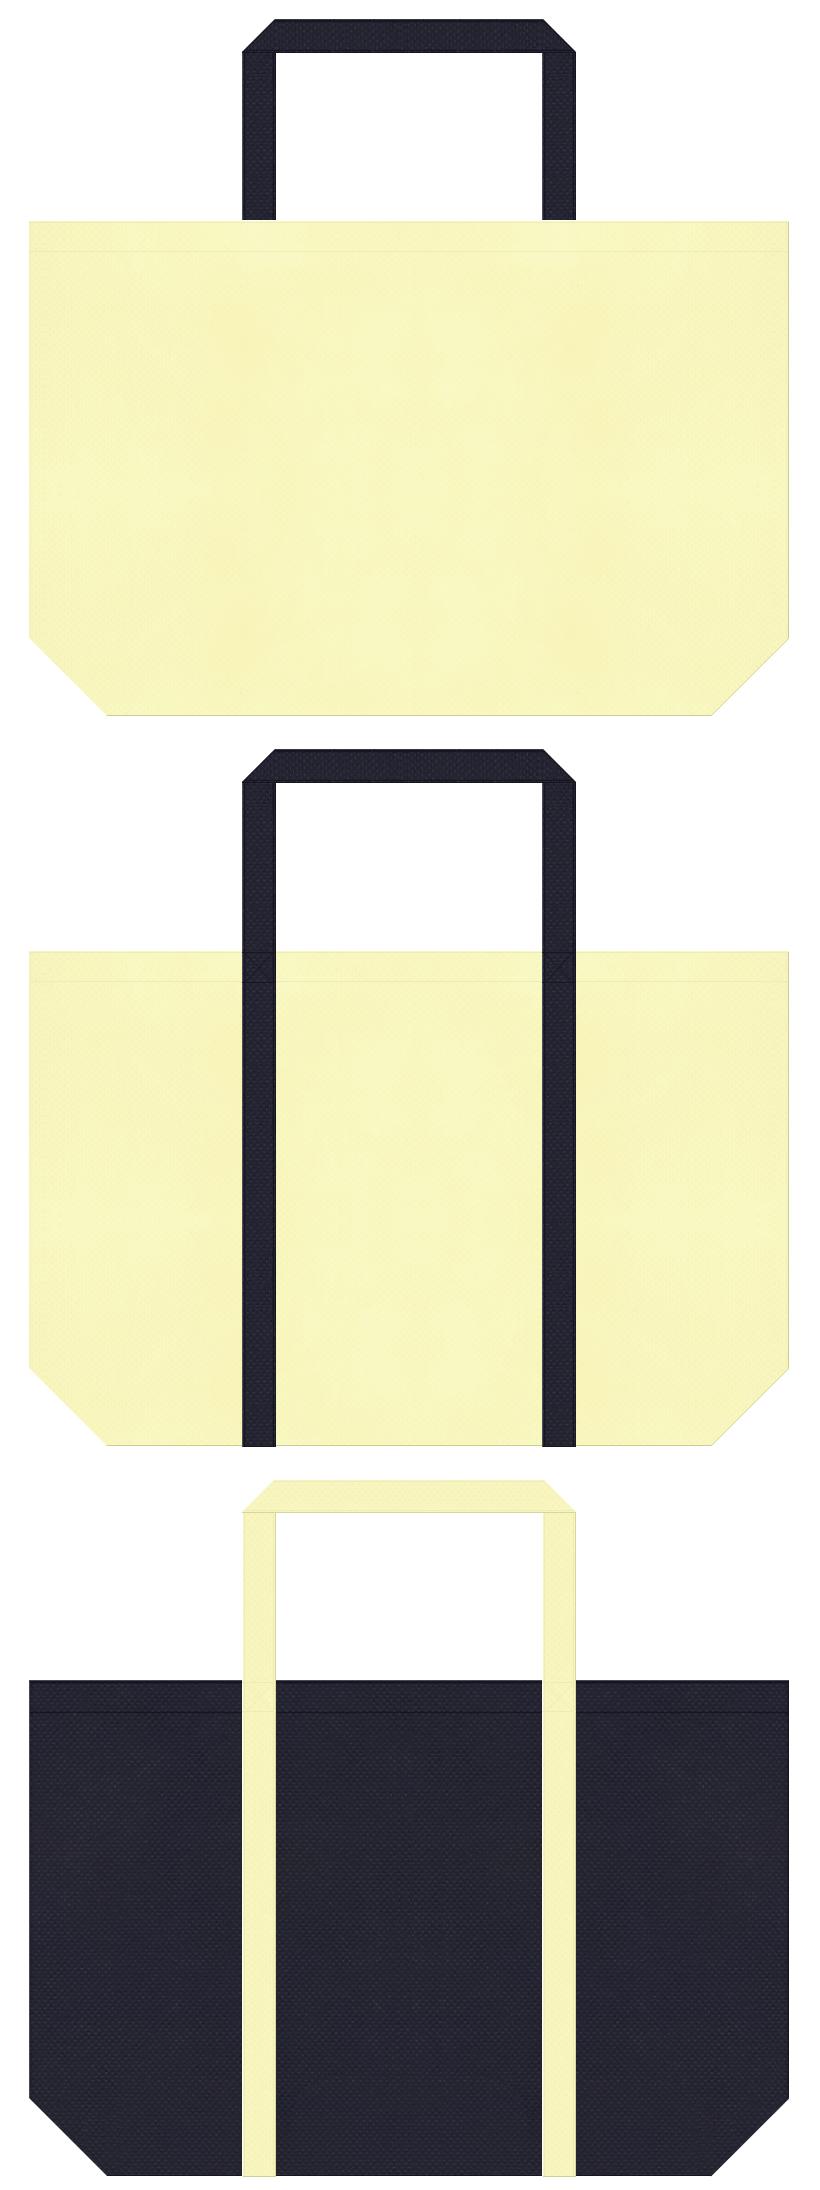 学校・オープンキャンパス・学習塾・レッスンバッグにお奨めの不織布バッグデザイン:薄黄色と濃紺色のコーデ